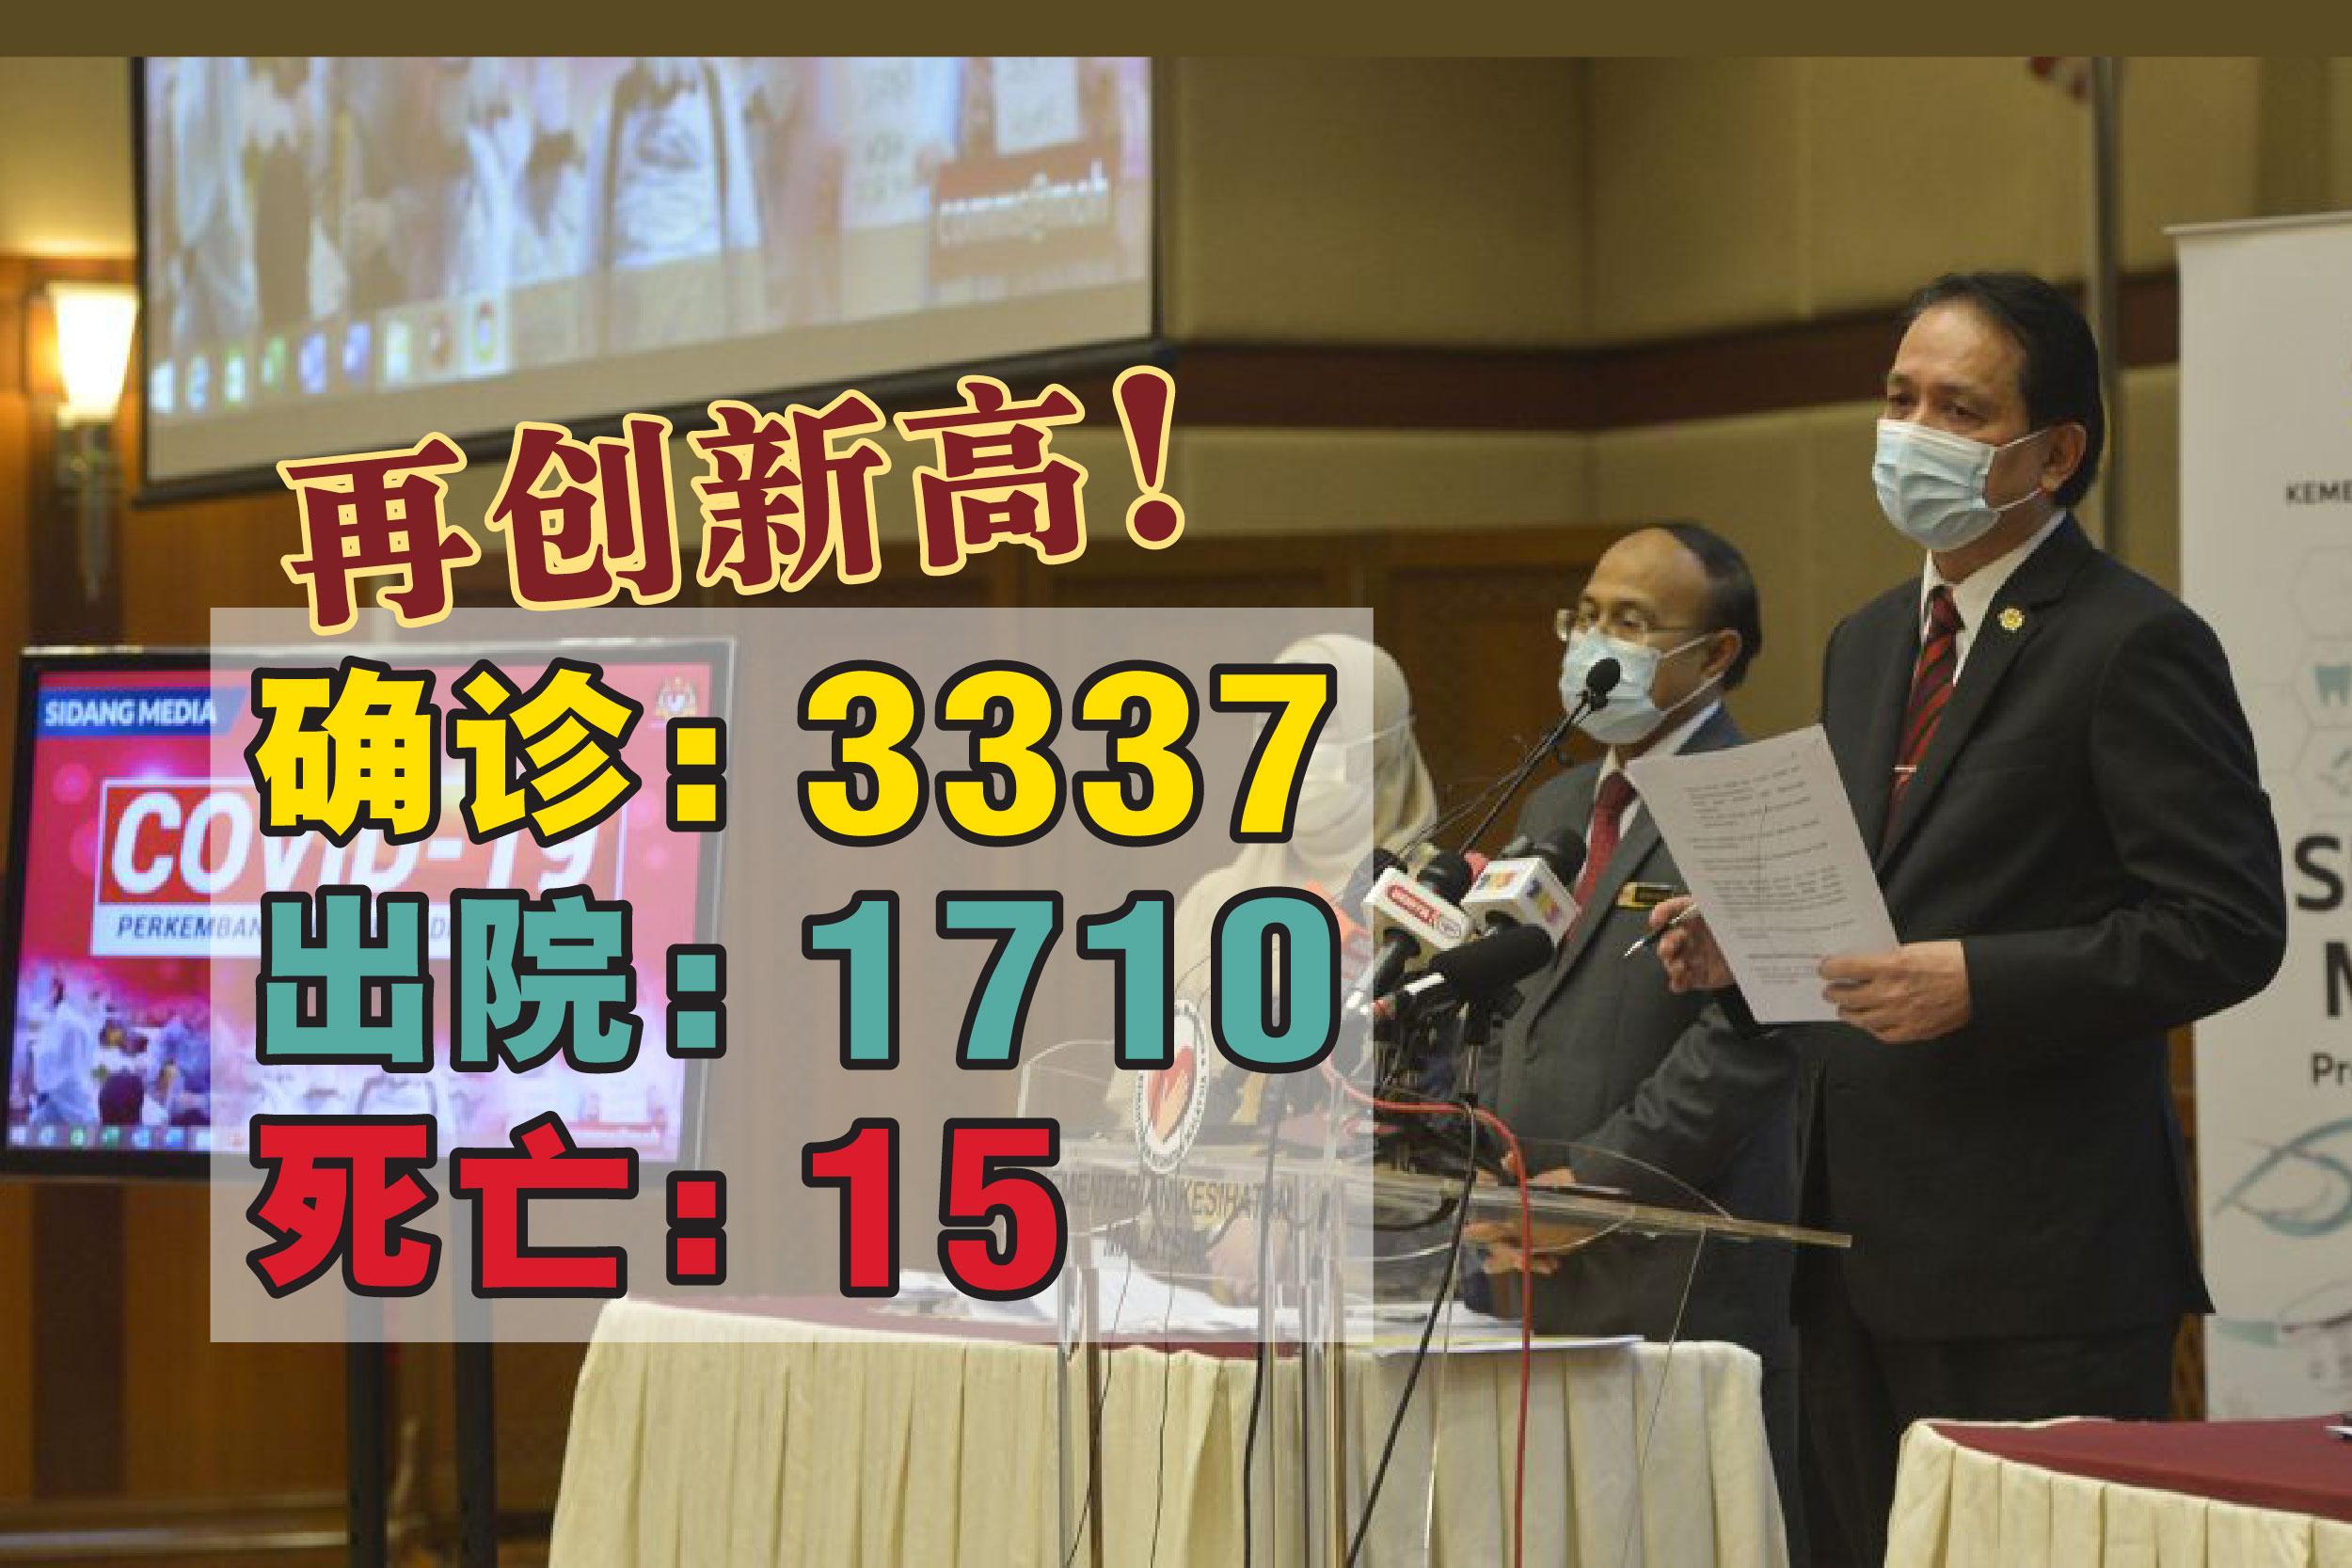 国内新冠病毒单日新增确诊病例再刷新最高记录,报3337宗。-精彩大马制图-